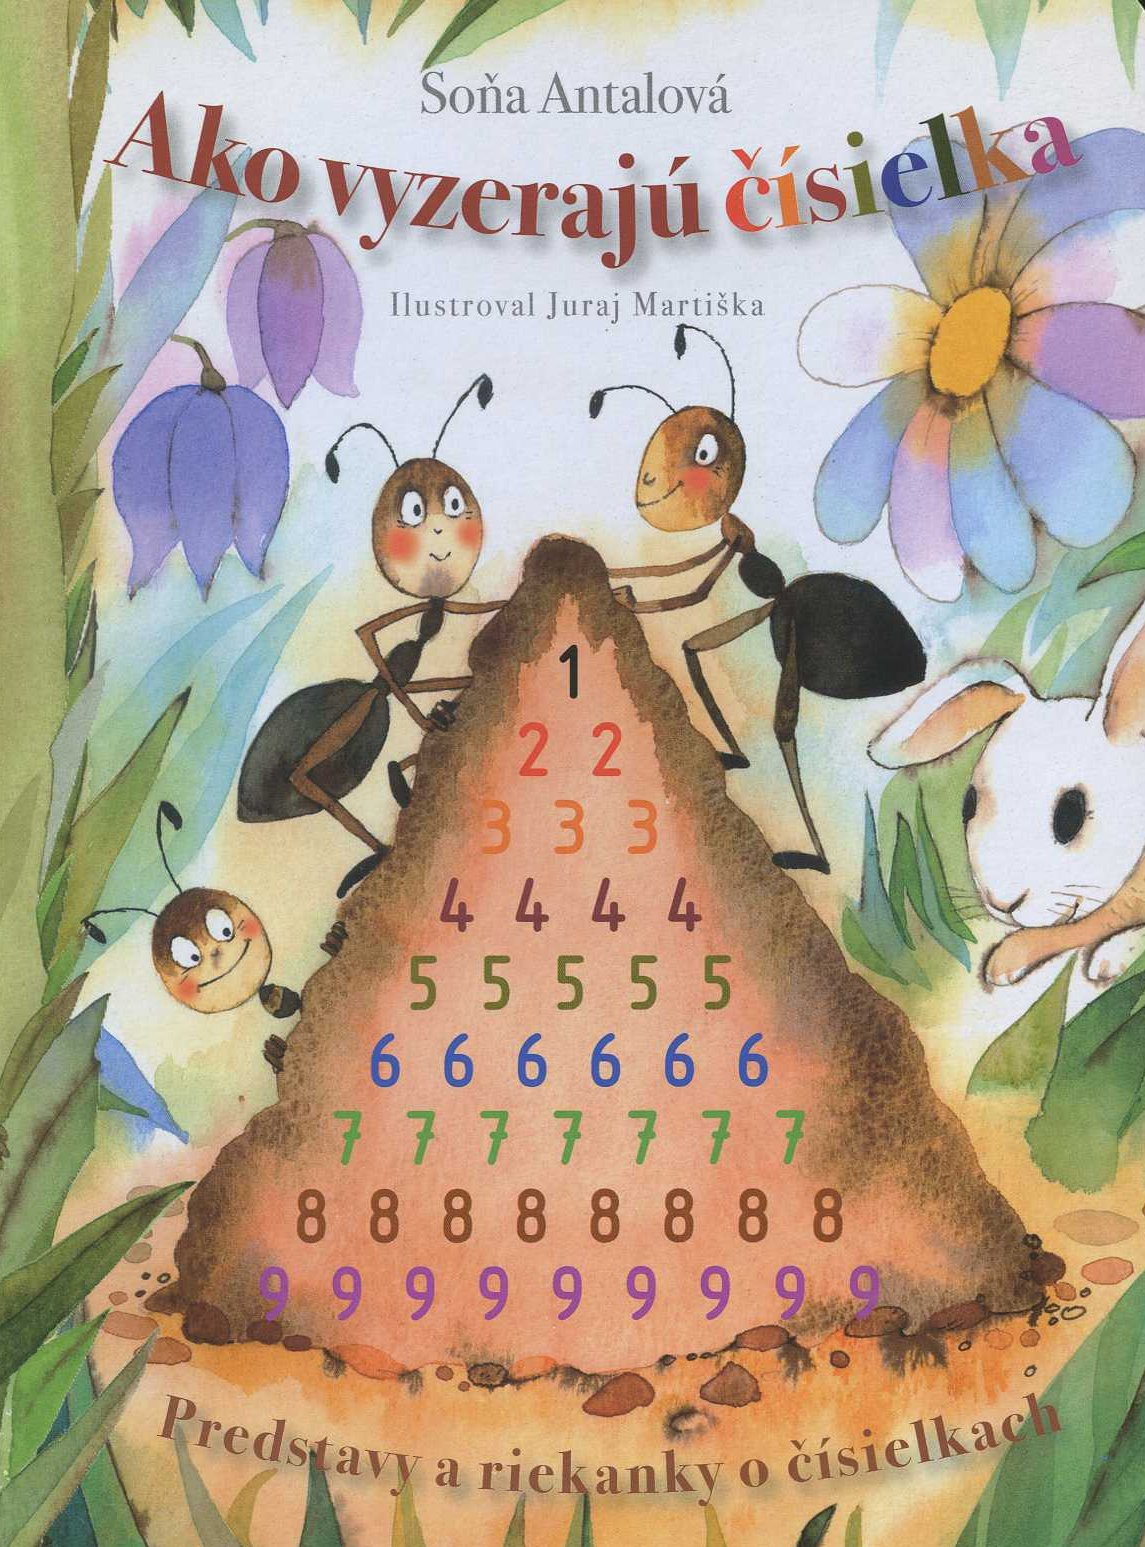 Ako vyzerajú čísielká - predstavy a riekanky o čísielkach